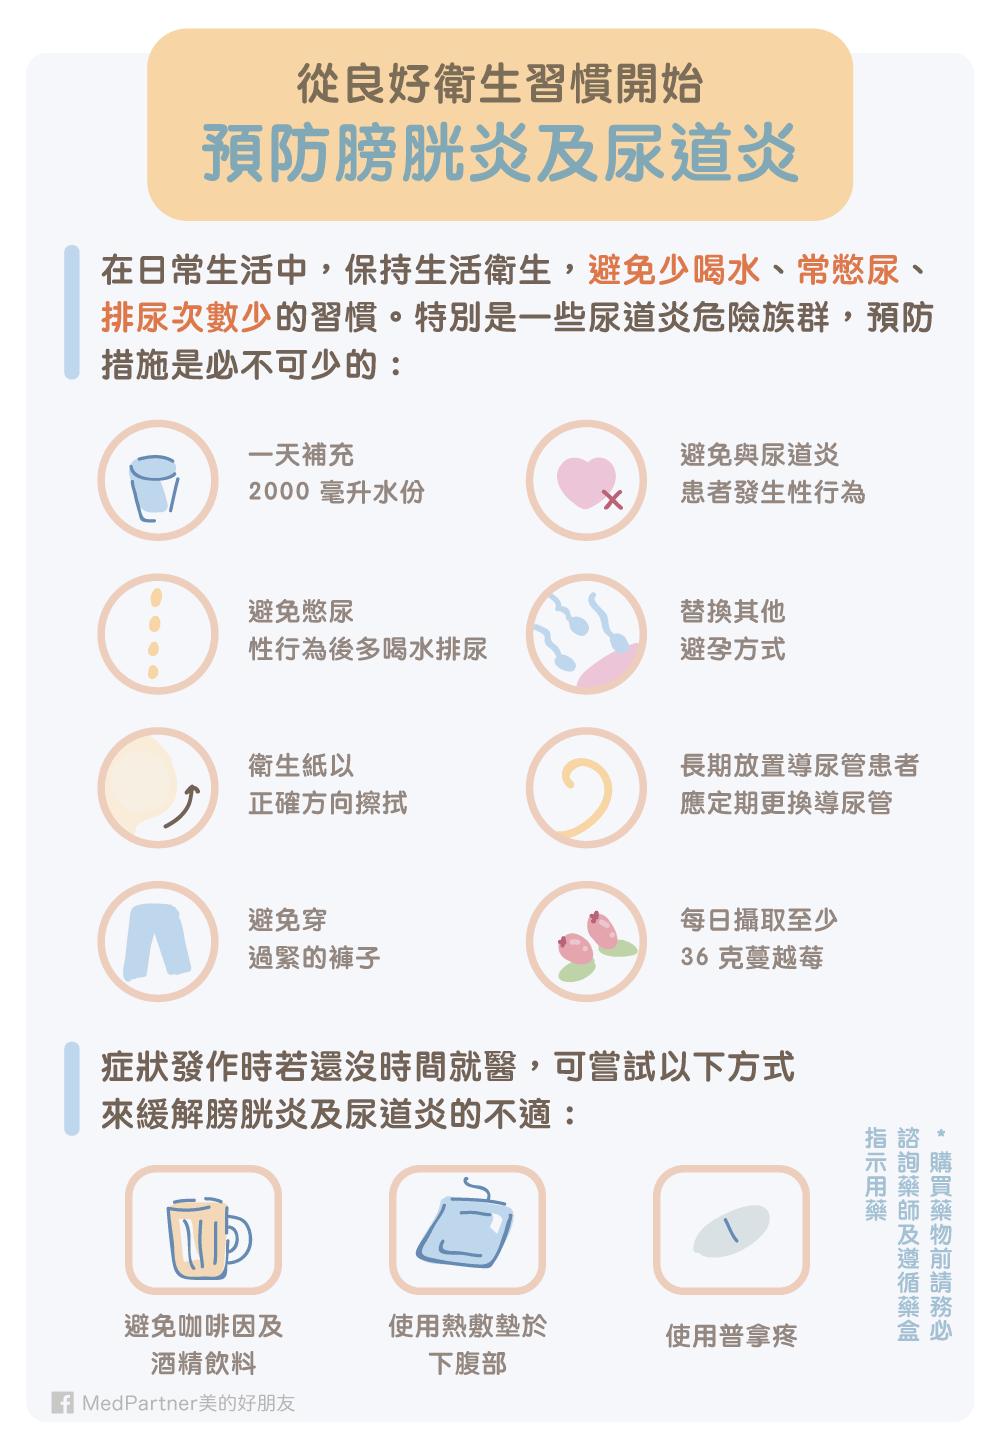 膀胱炎及尿道炎如何預防